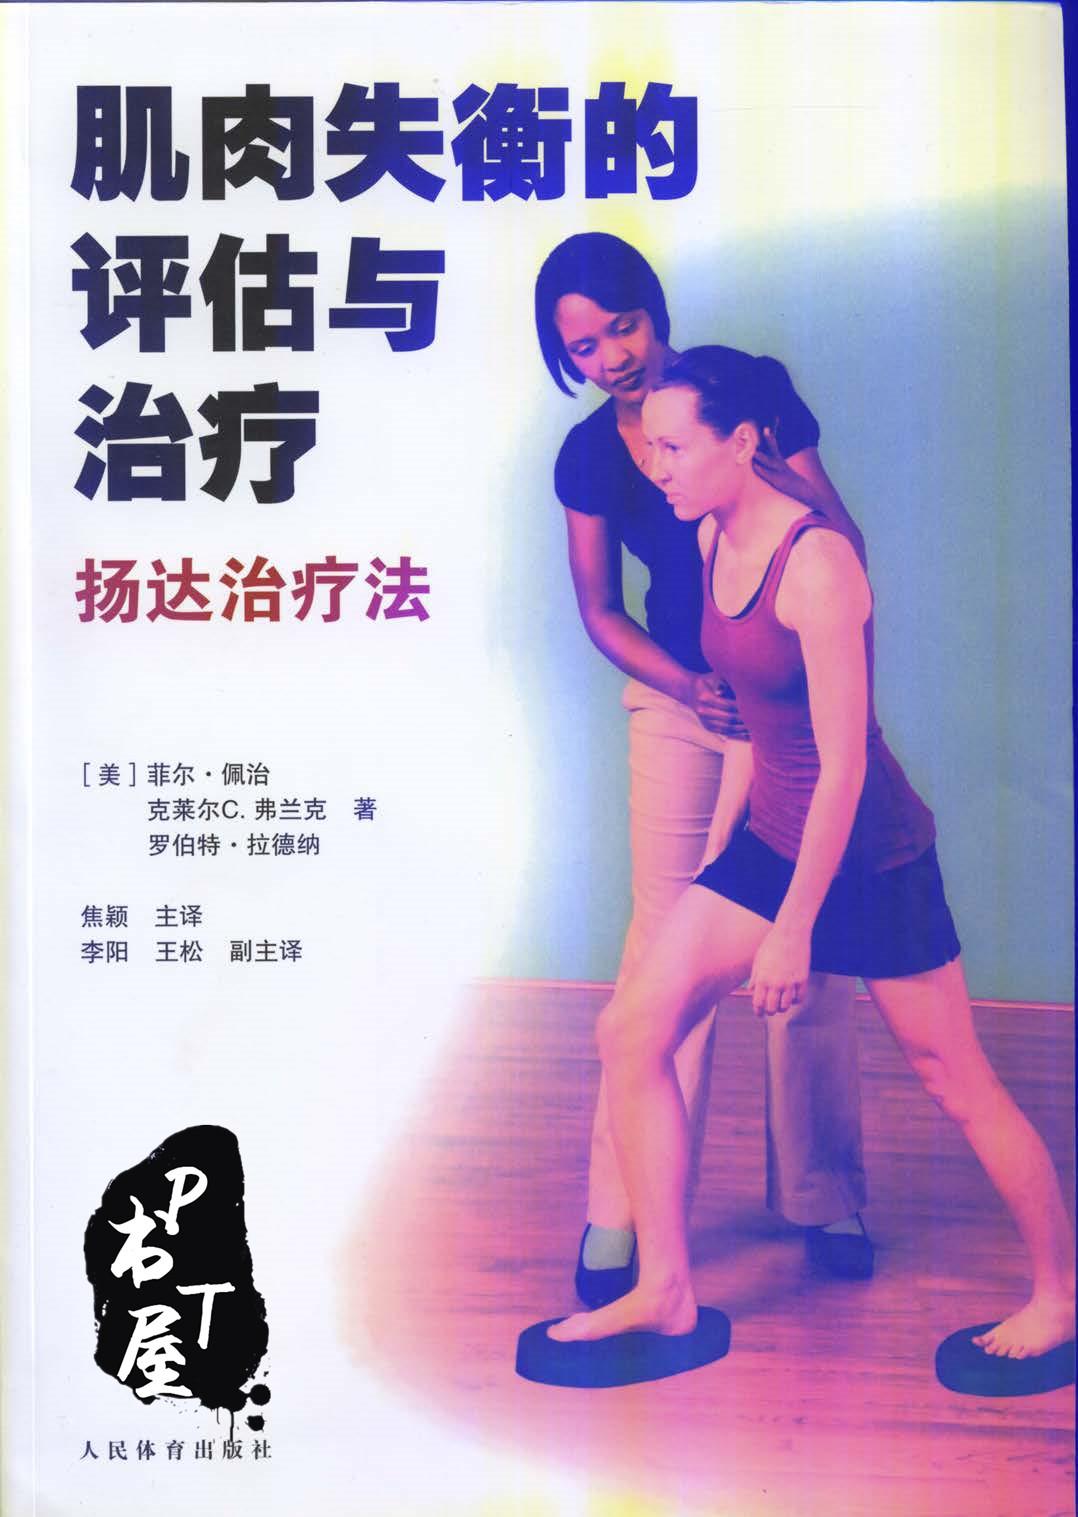 肌肉失衡的评估与治疗--扬达治疗法 Book Cover